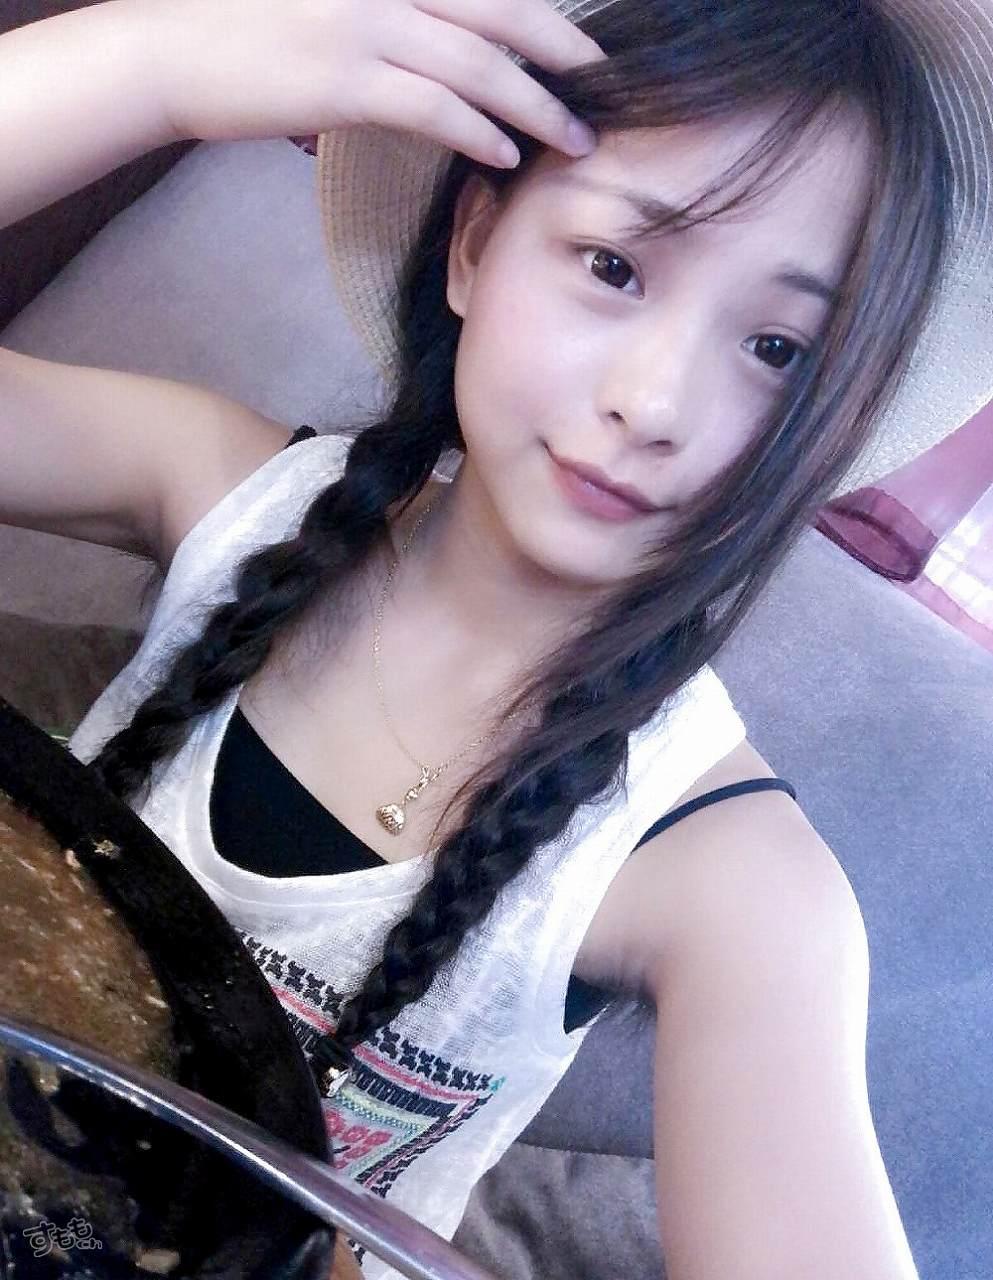 わき毛を伸ばしっぱなしにした中国人の可愛い女の子